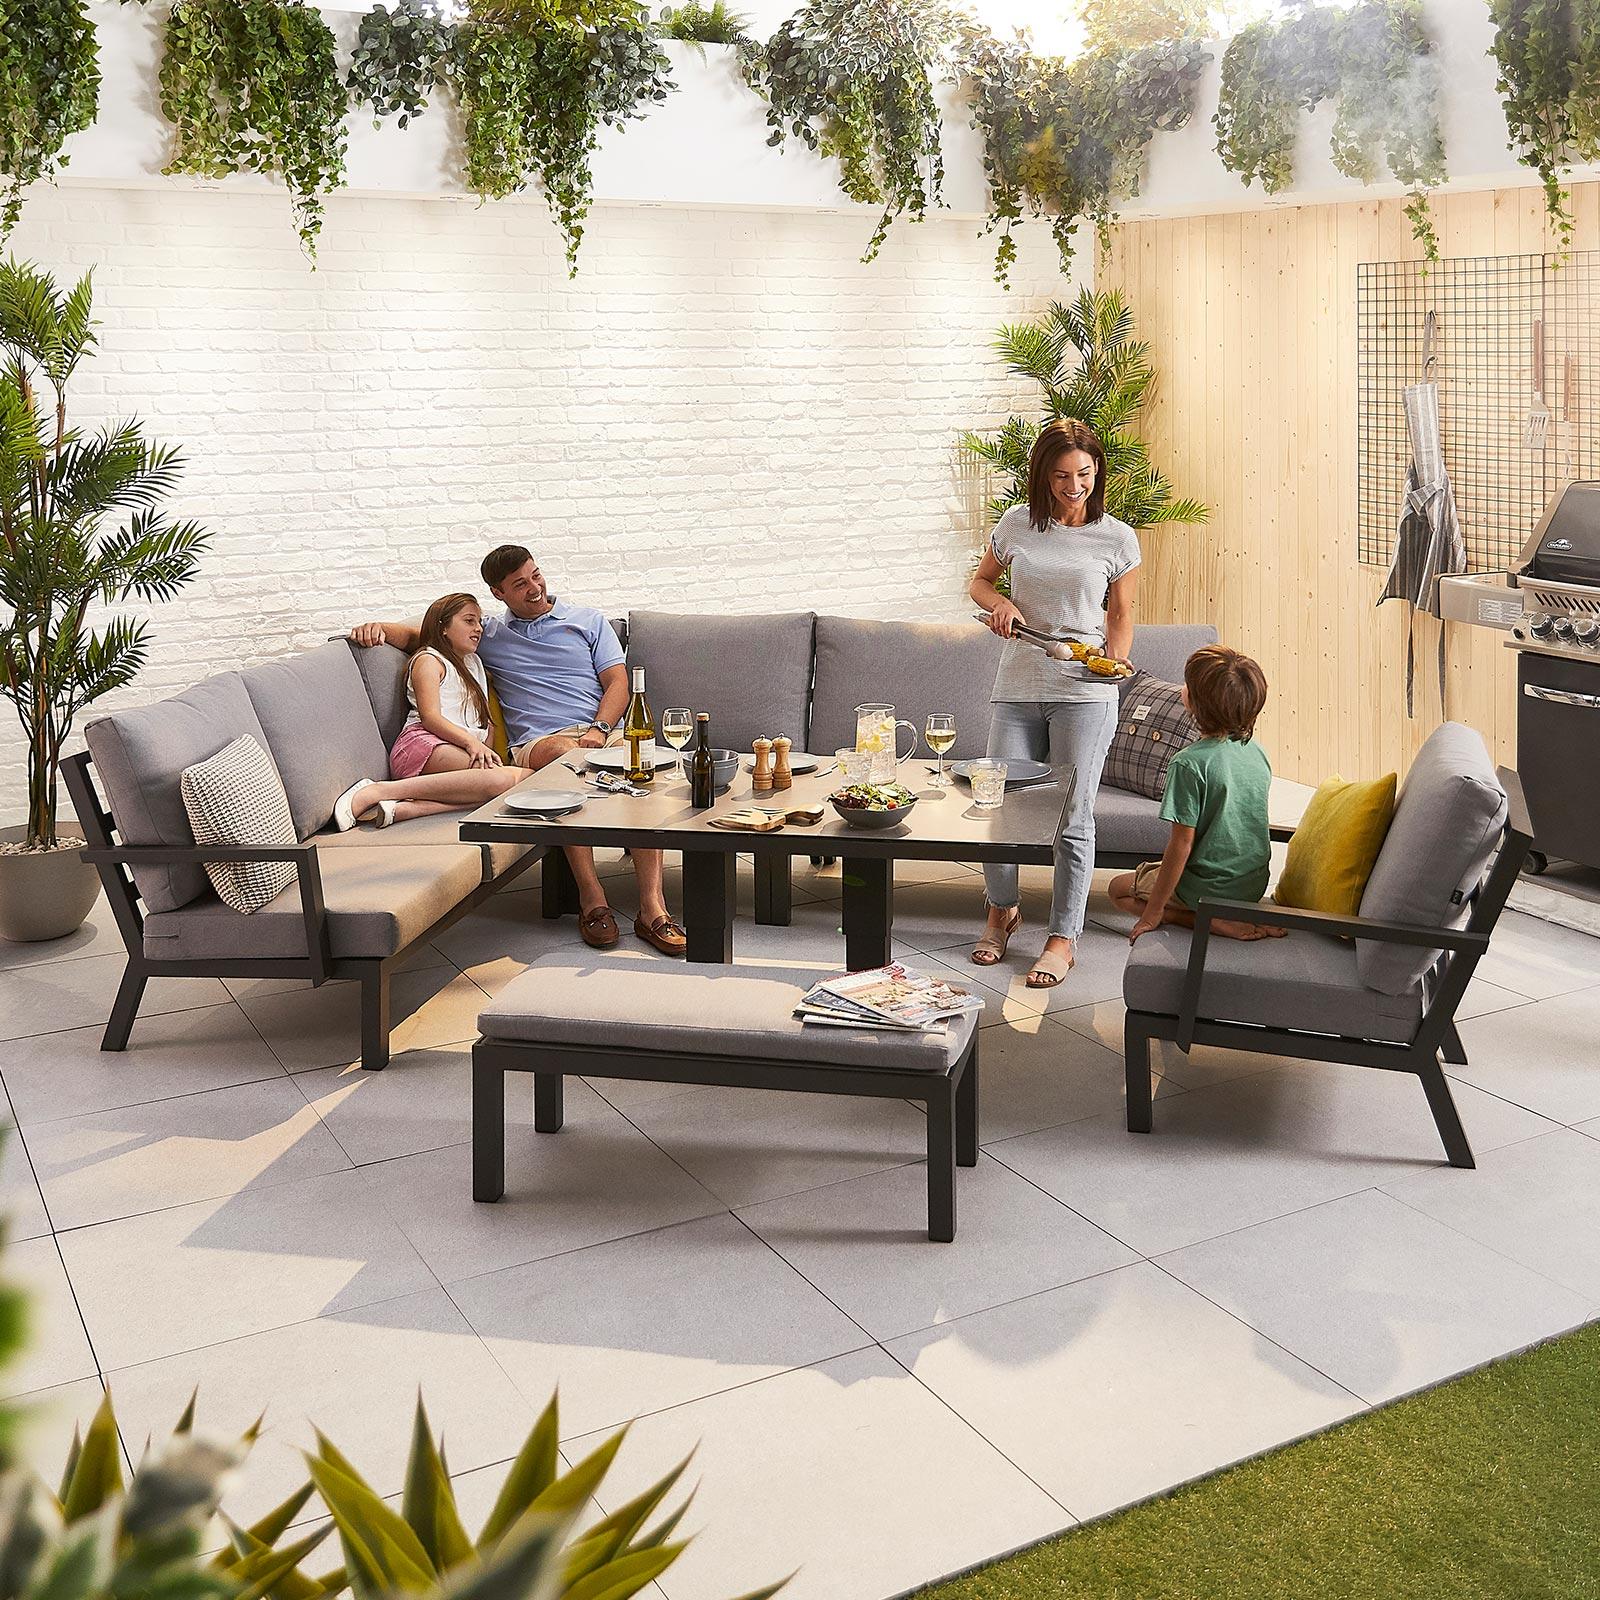 Vogue Aluminium Casual Dining Corner, Sofa Dining Room Table